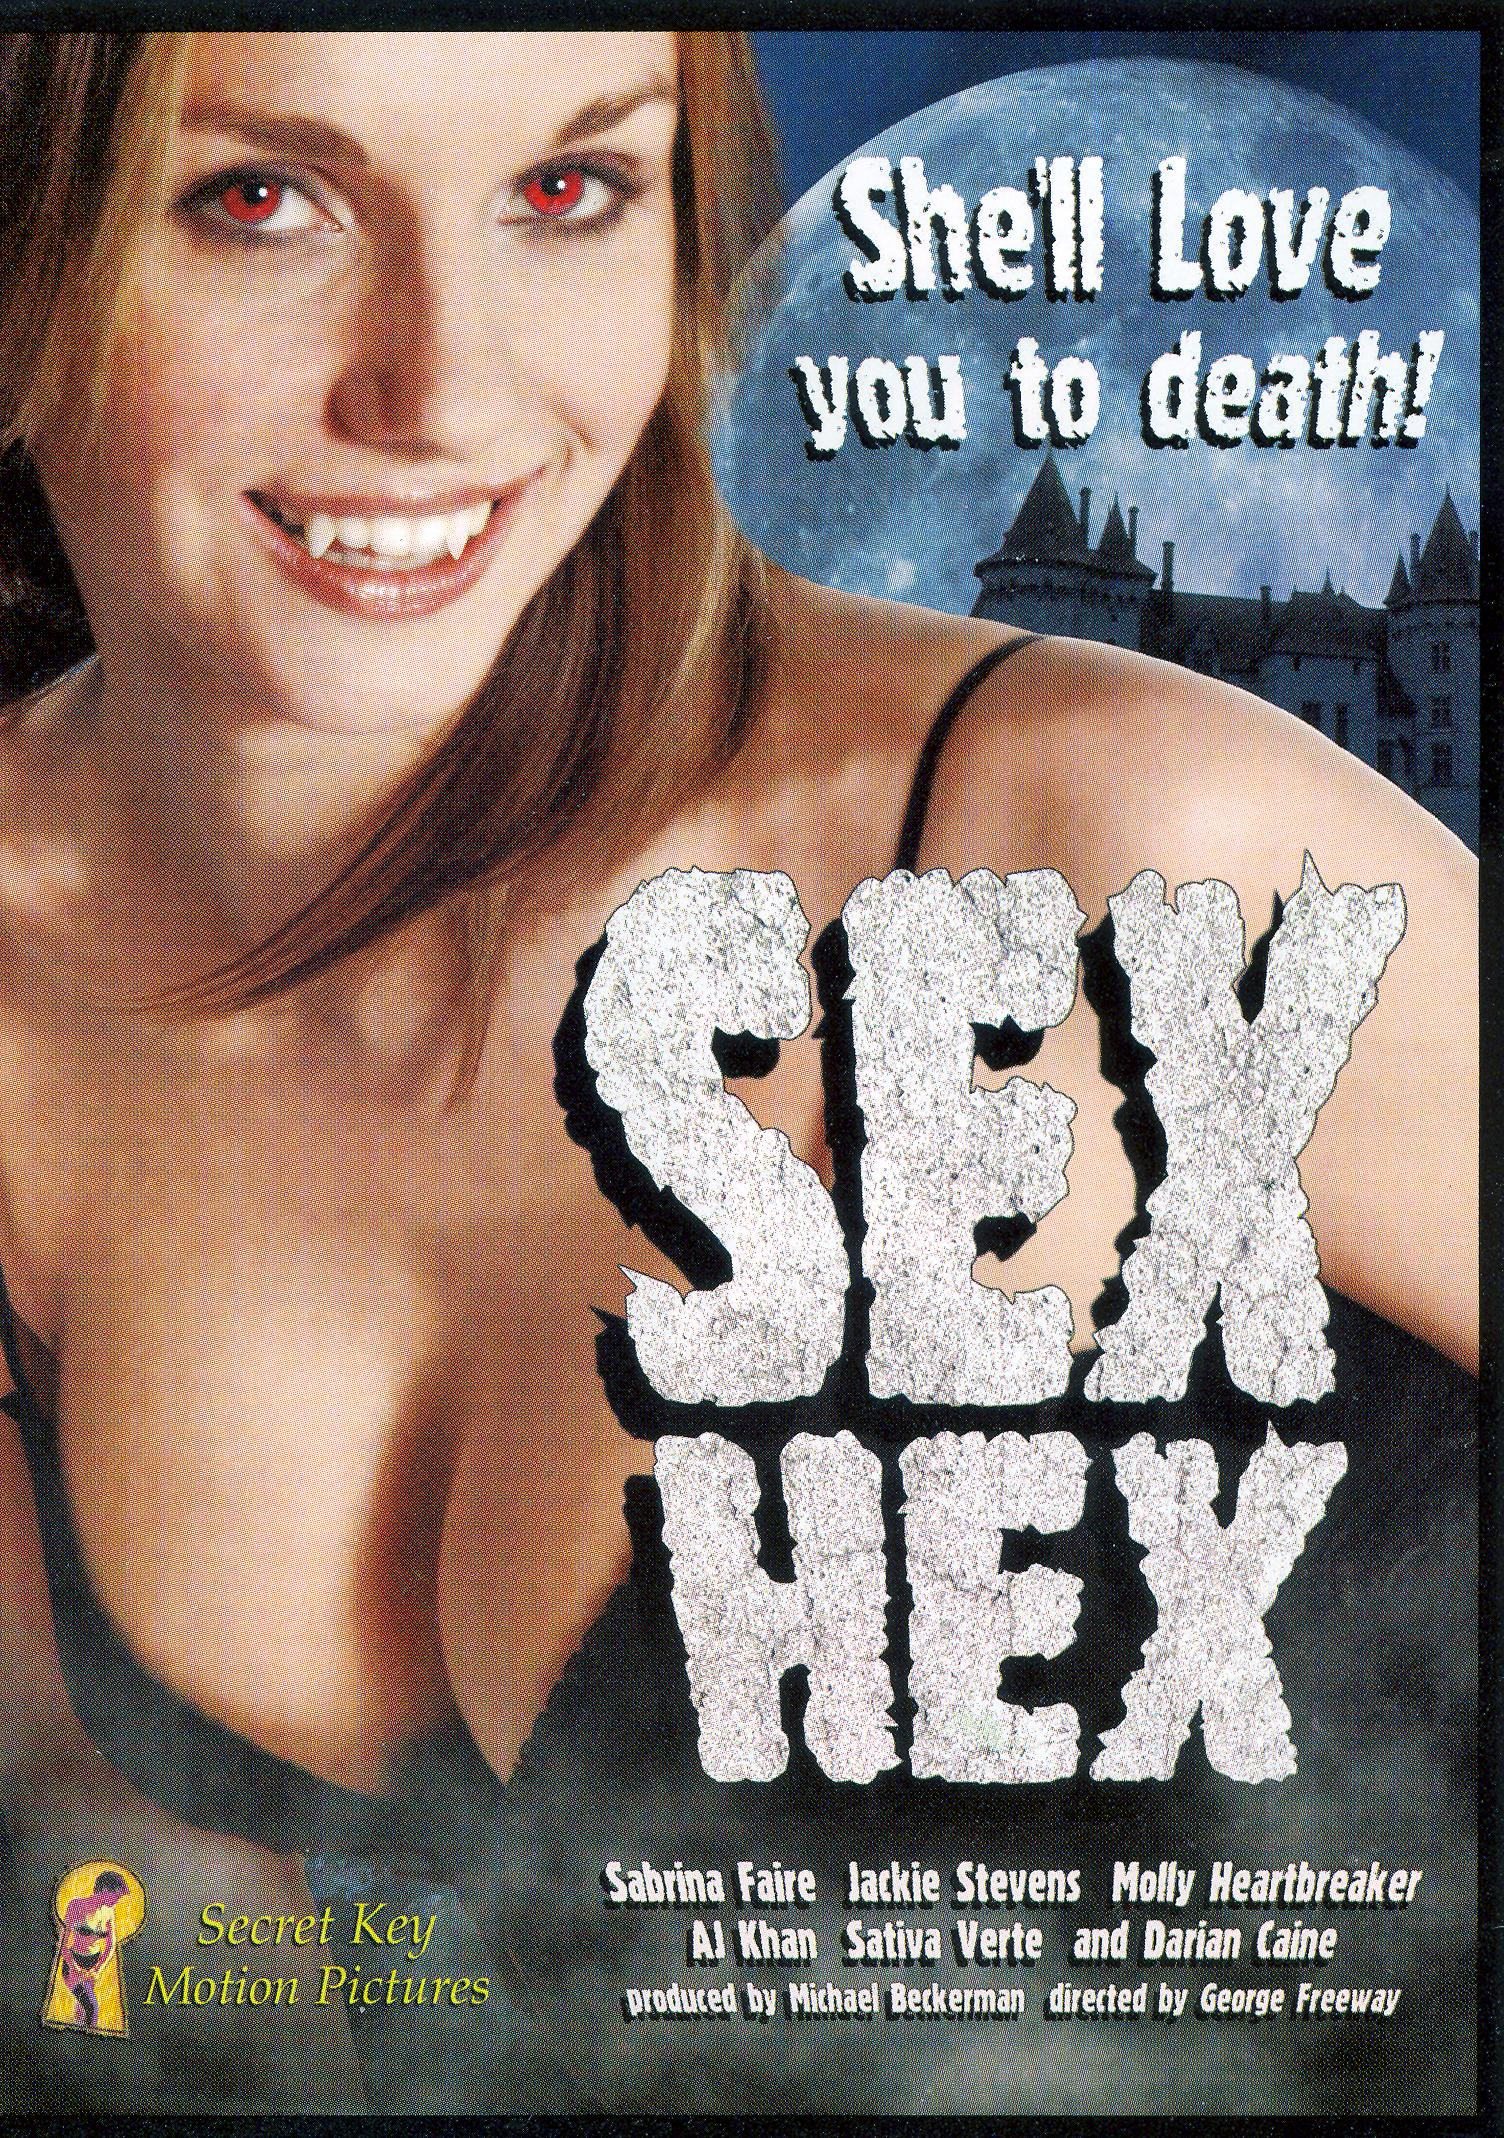 Смотреть онлайн фольм секс 7 фотография